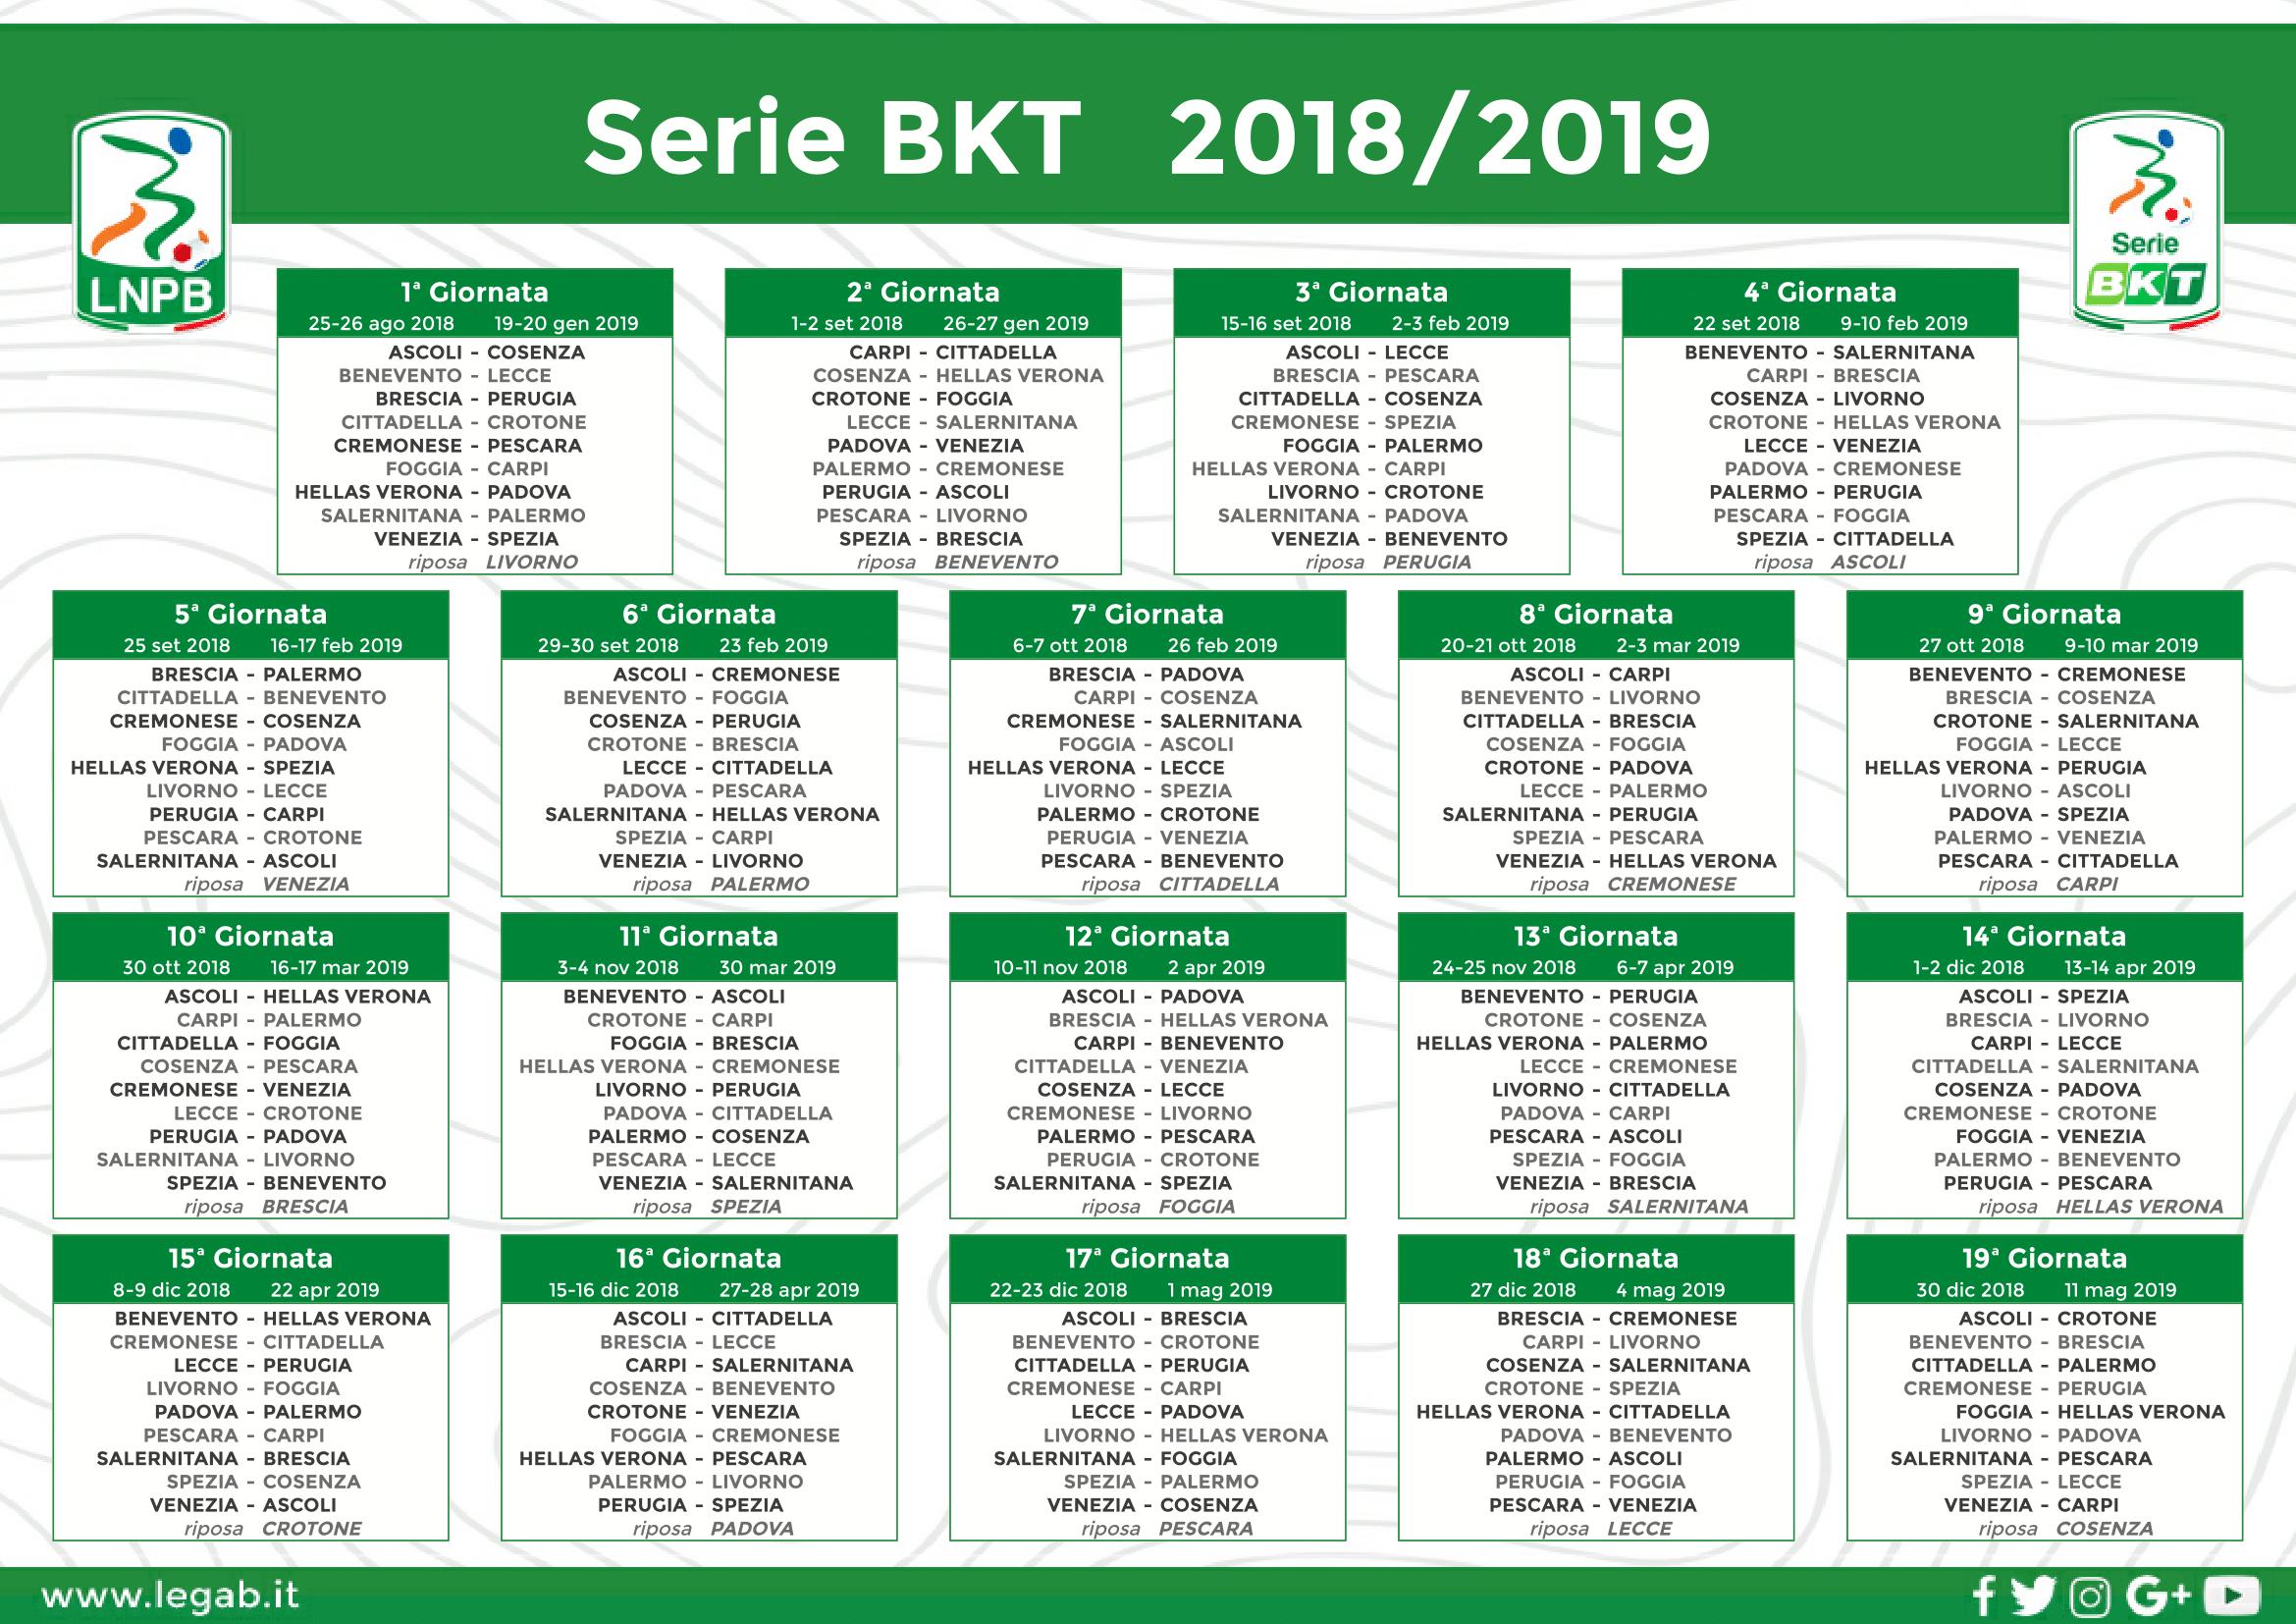 Calendario Anno 2018 Pdf.Calendario 2018 19 A S Cittadella 1973